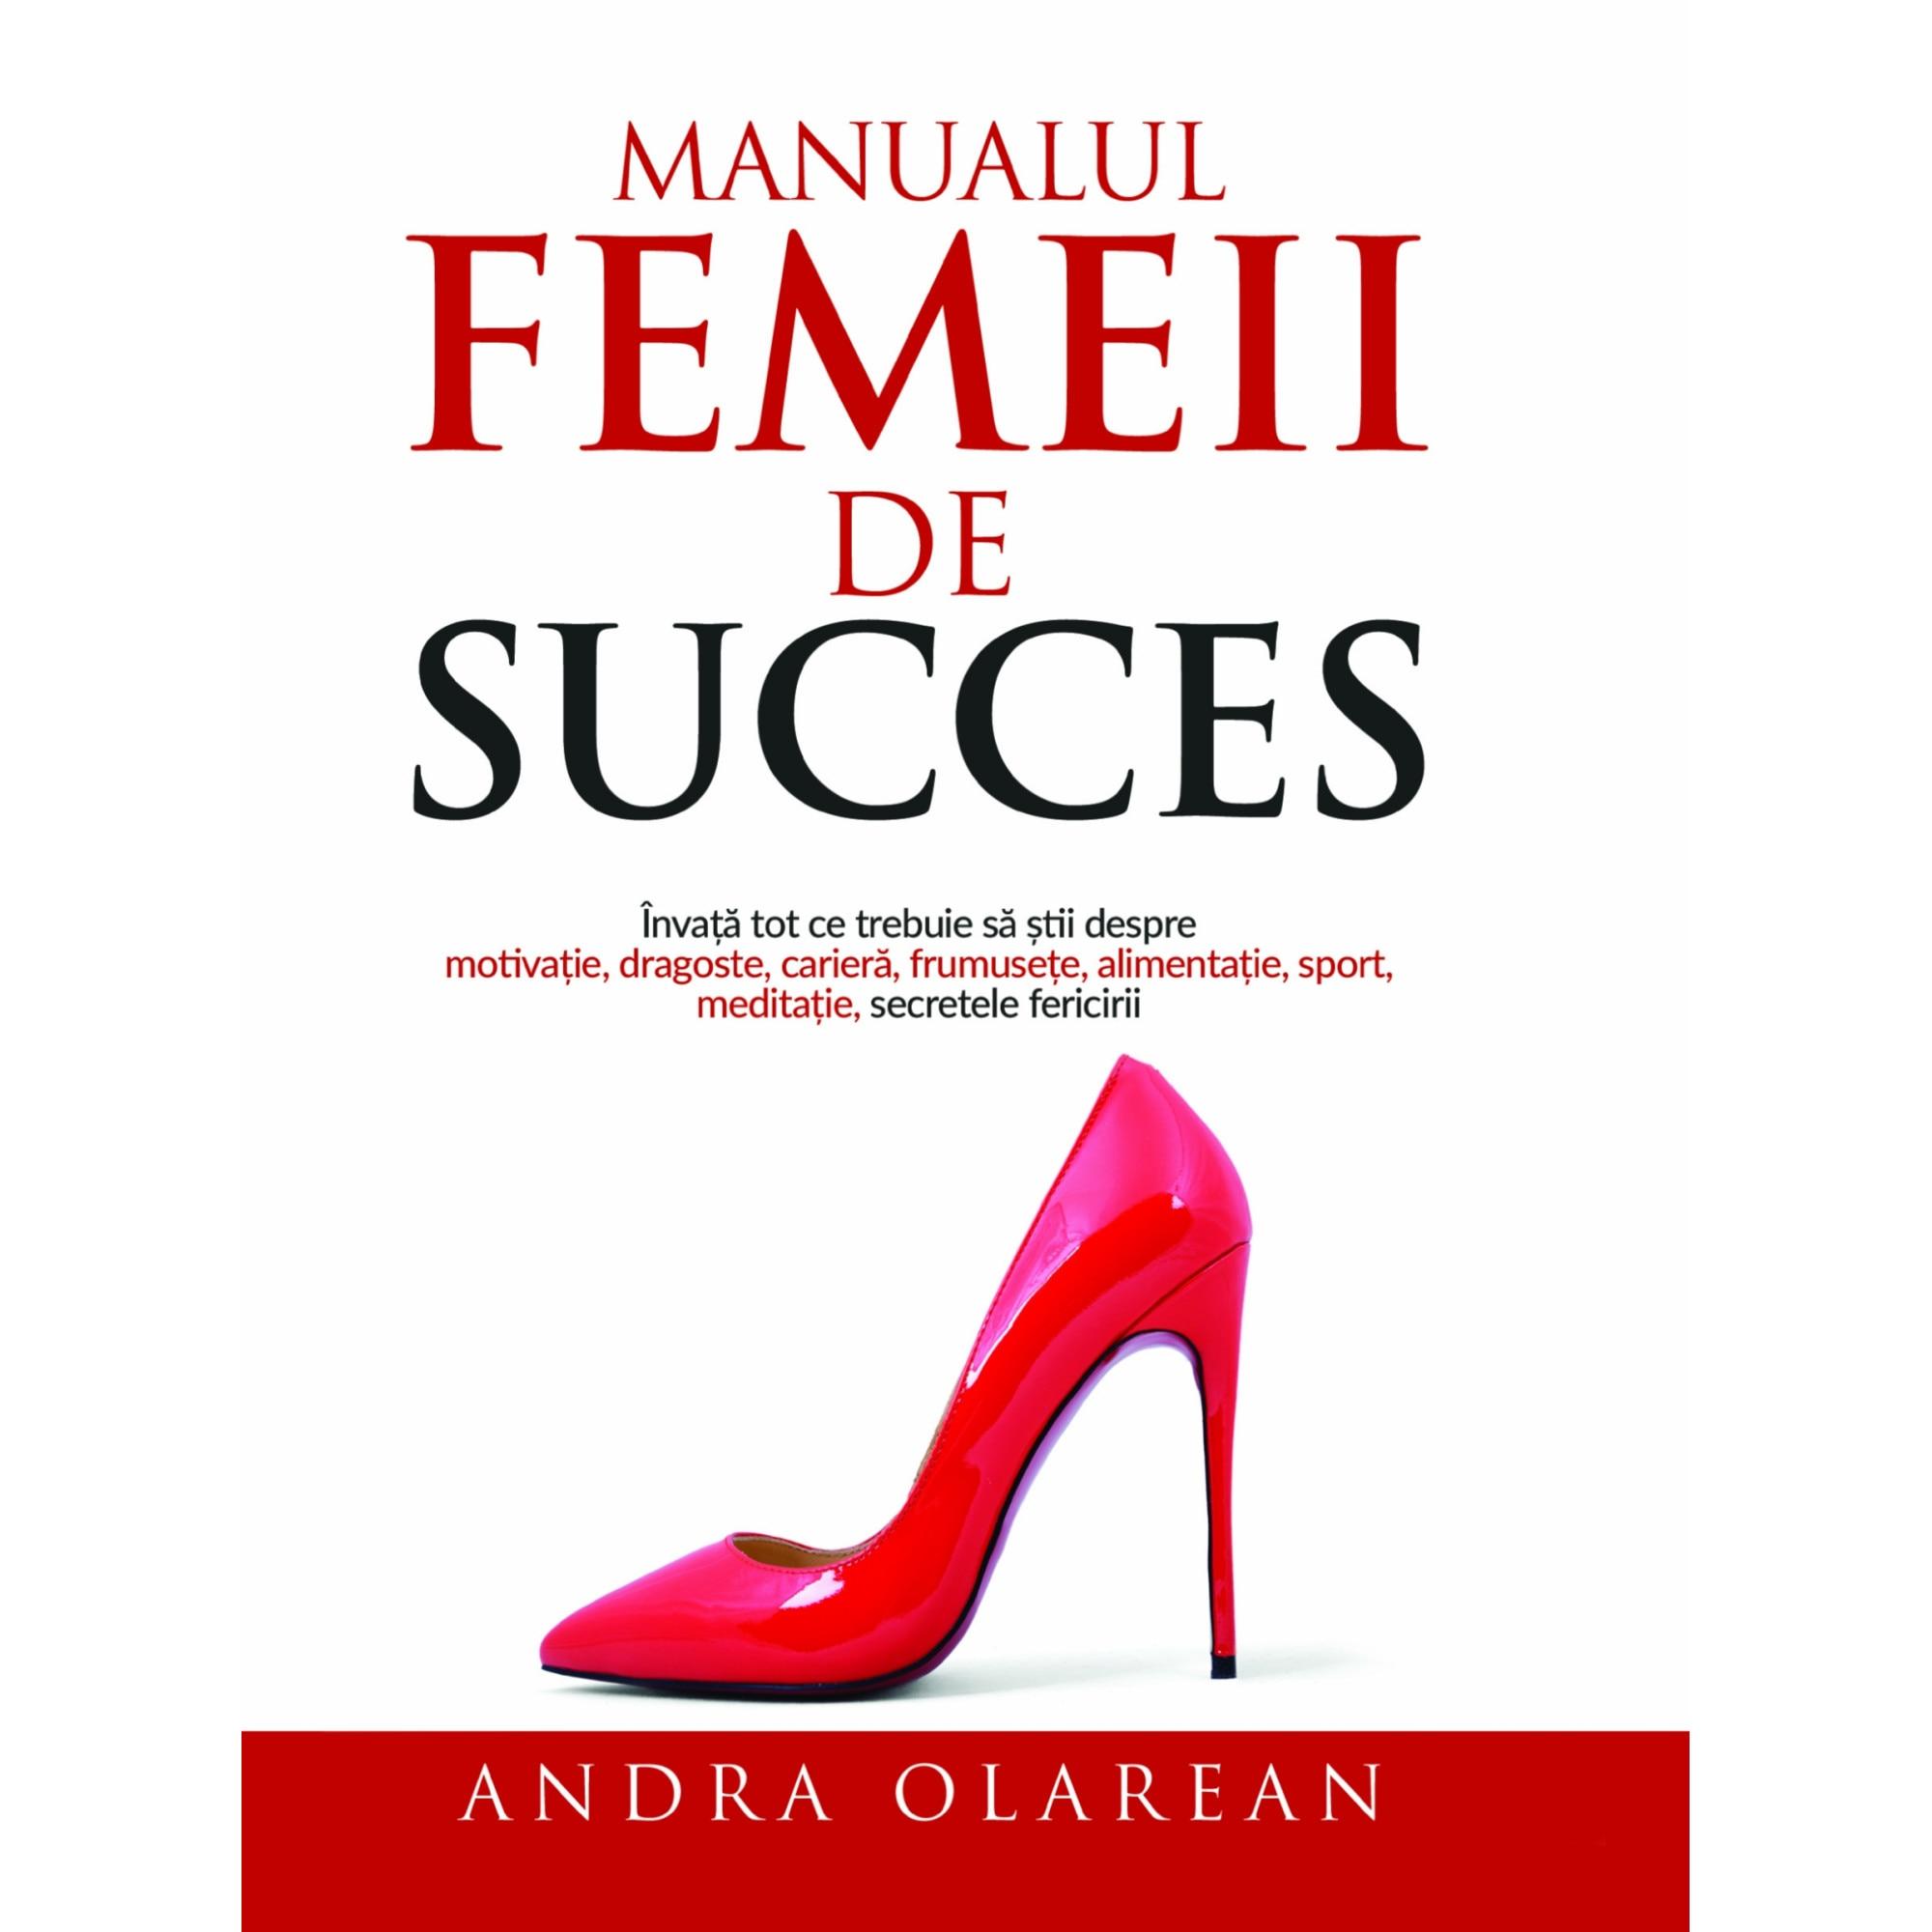 În spatele oricărei femei de succes se află un bărbat iubitor